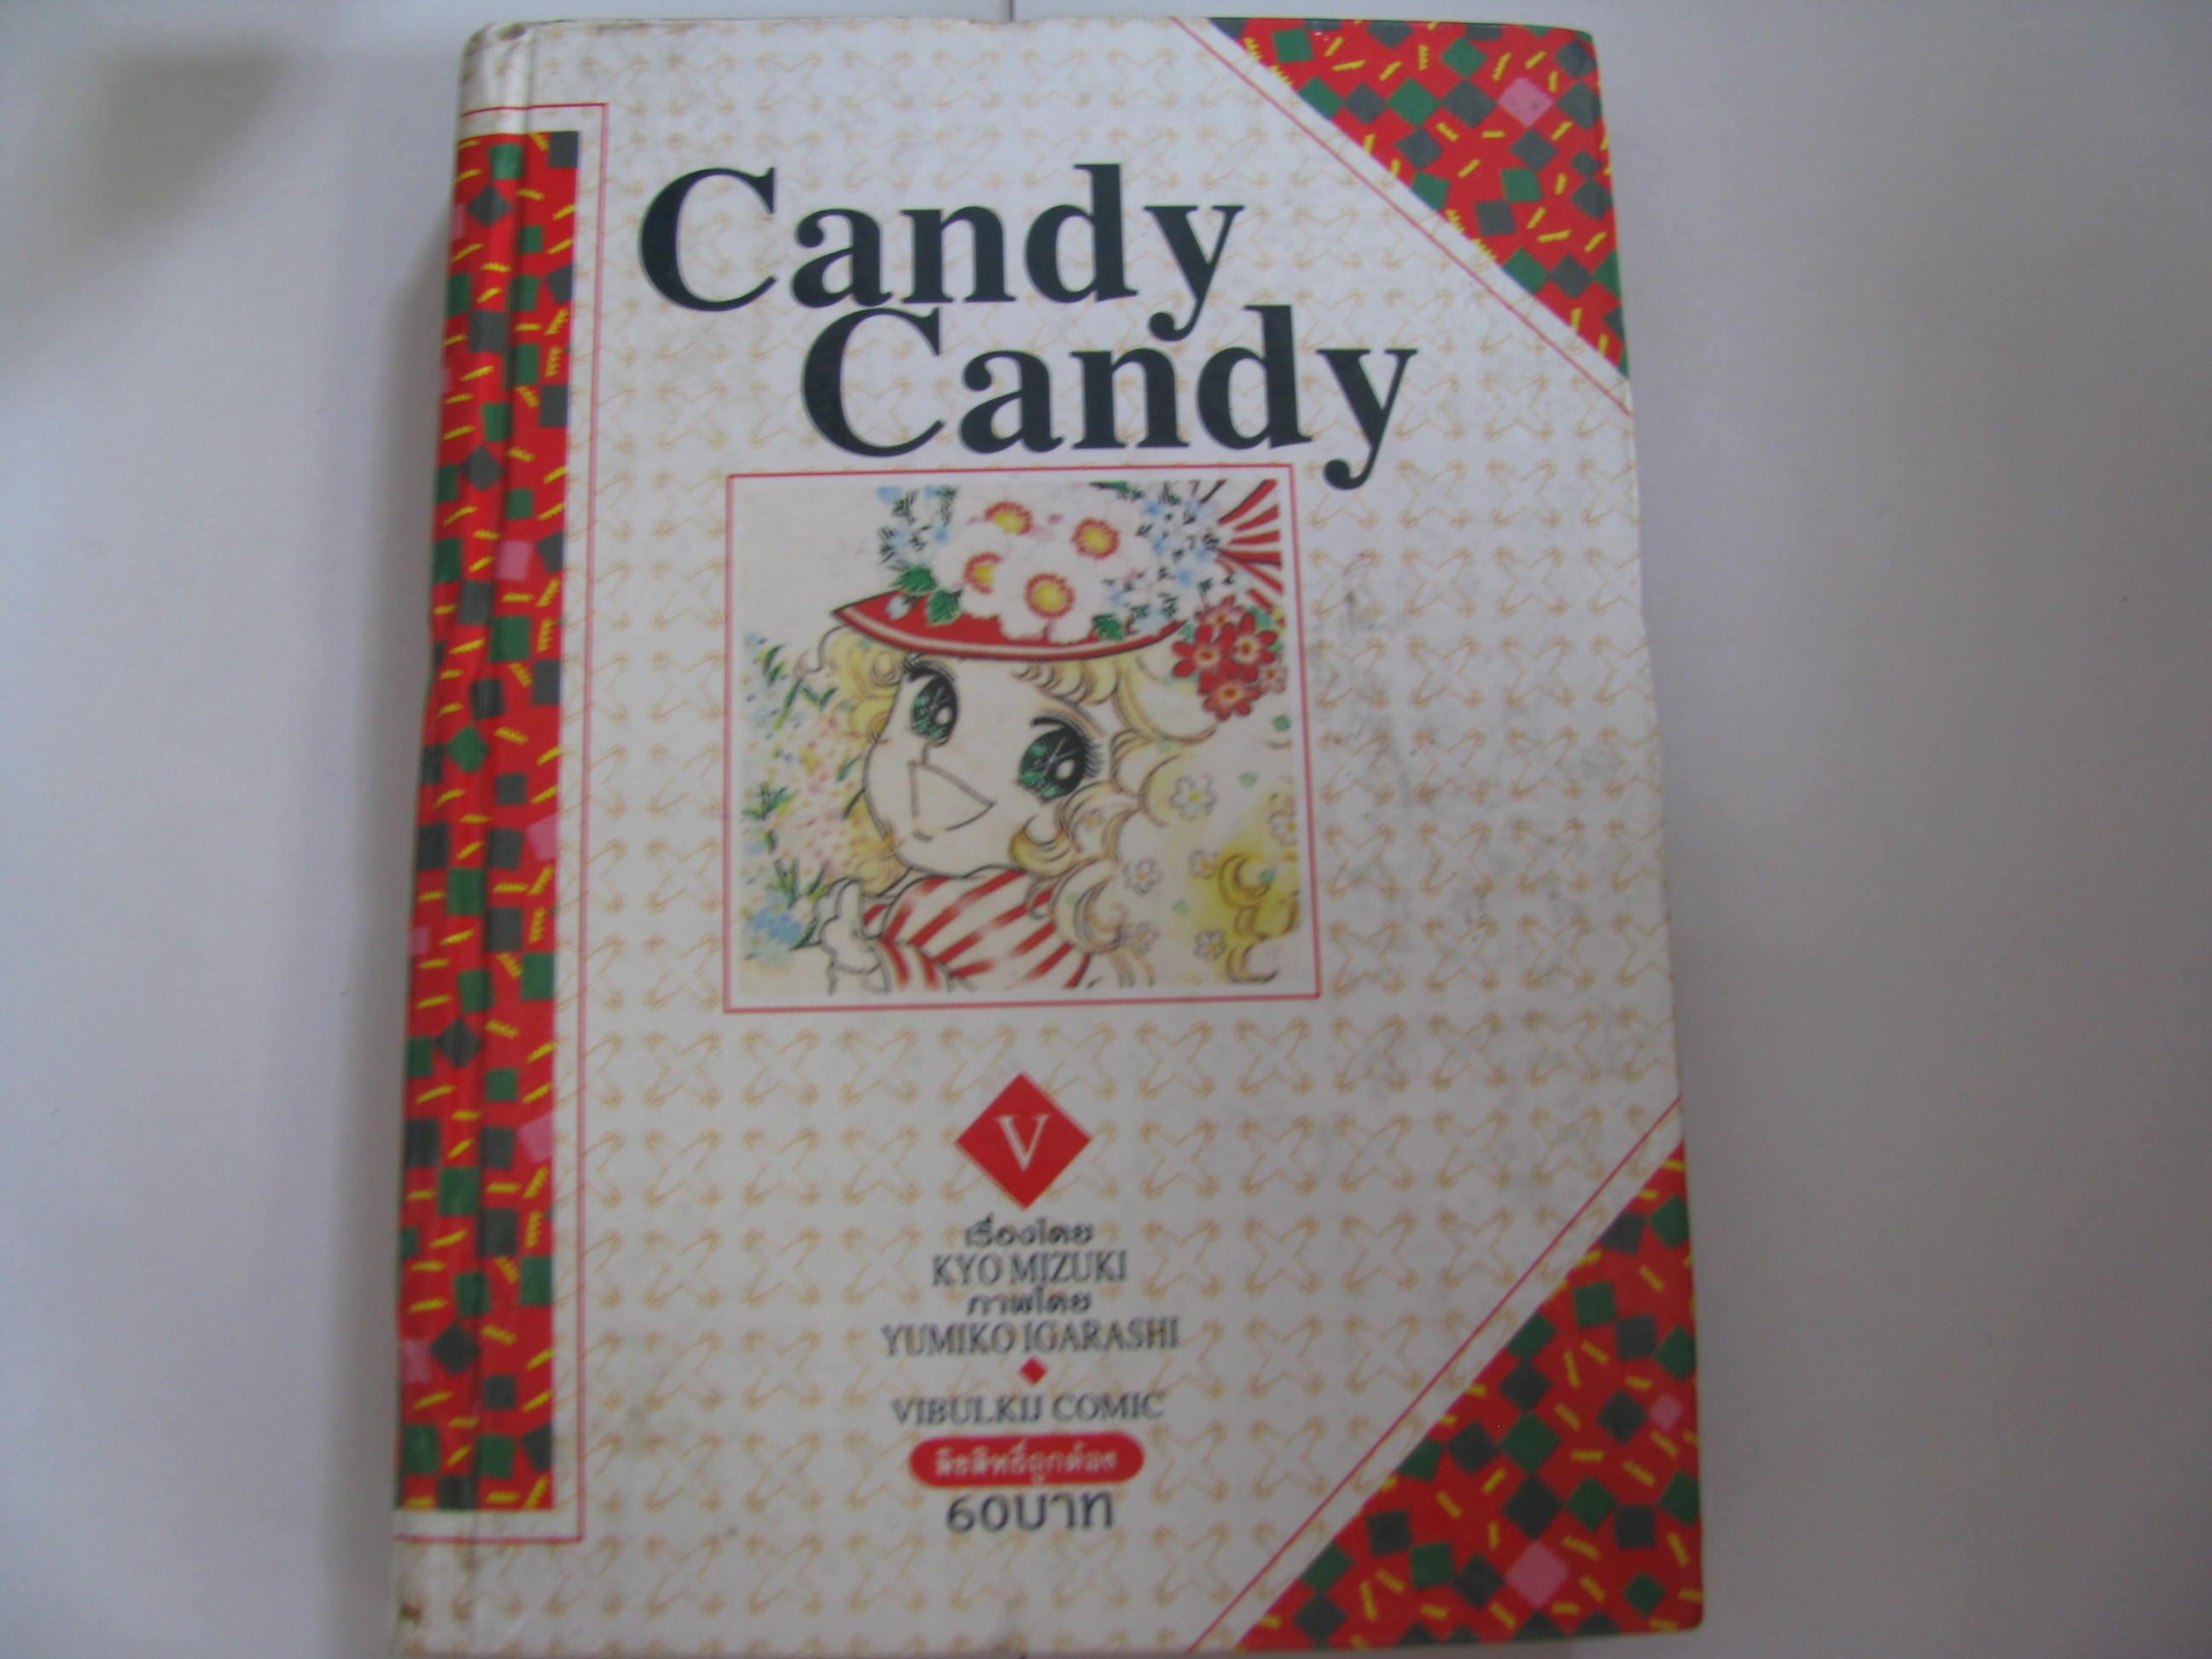 Candy Candy Kyo Mizuki เรื่อง Yumiko Igarashi ภาพ (ปกแข็ง)***สินค้าหมด***